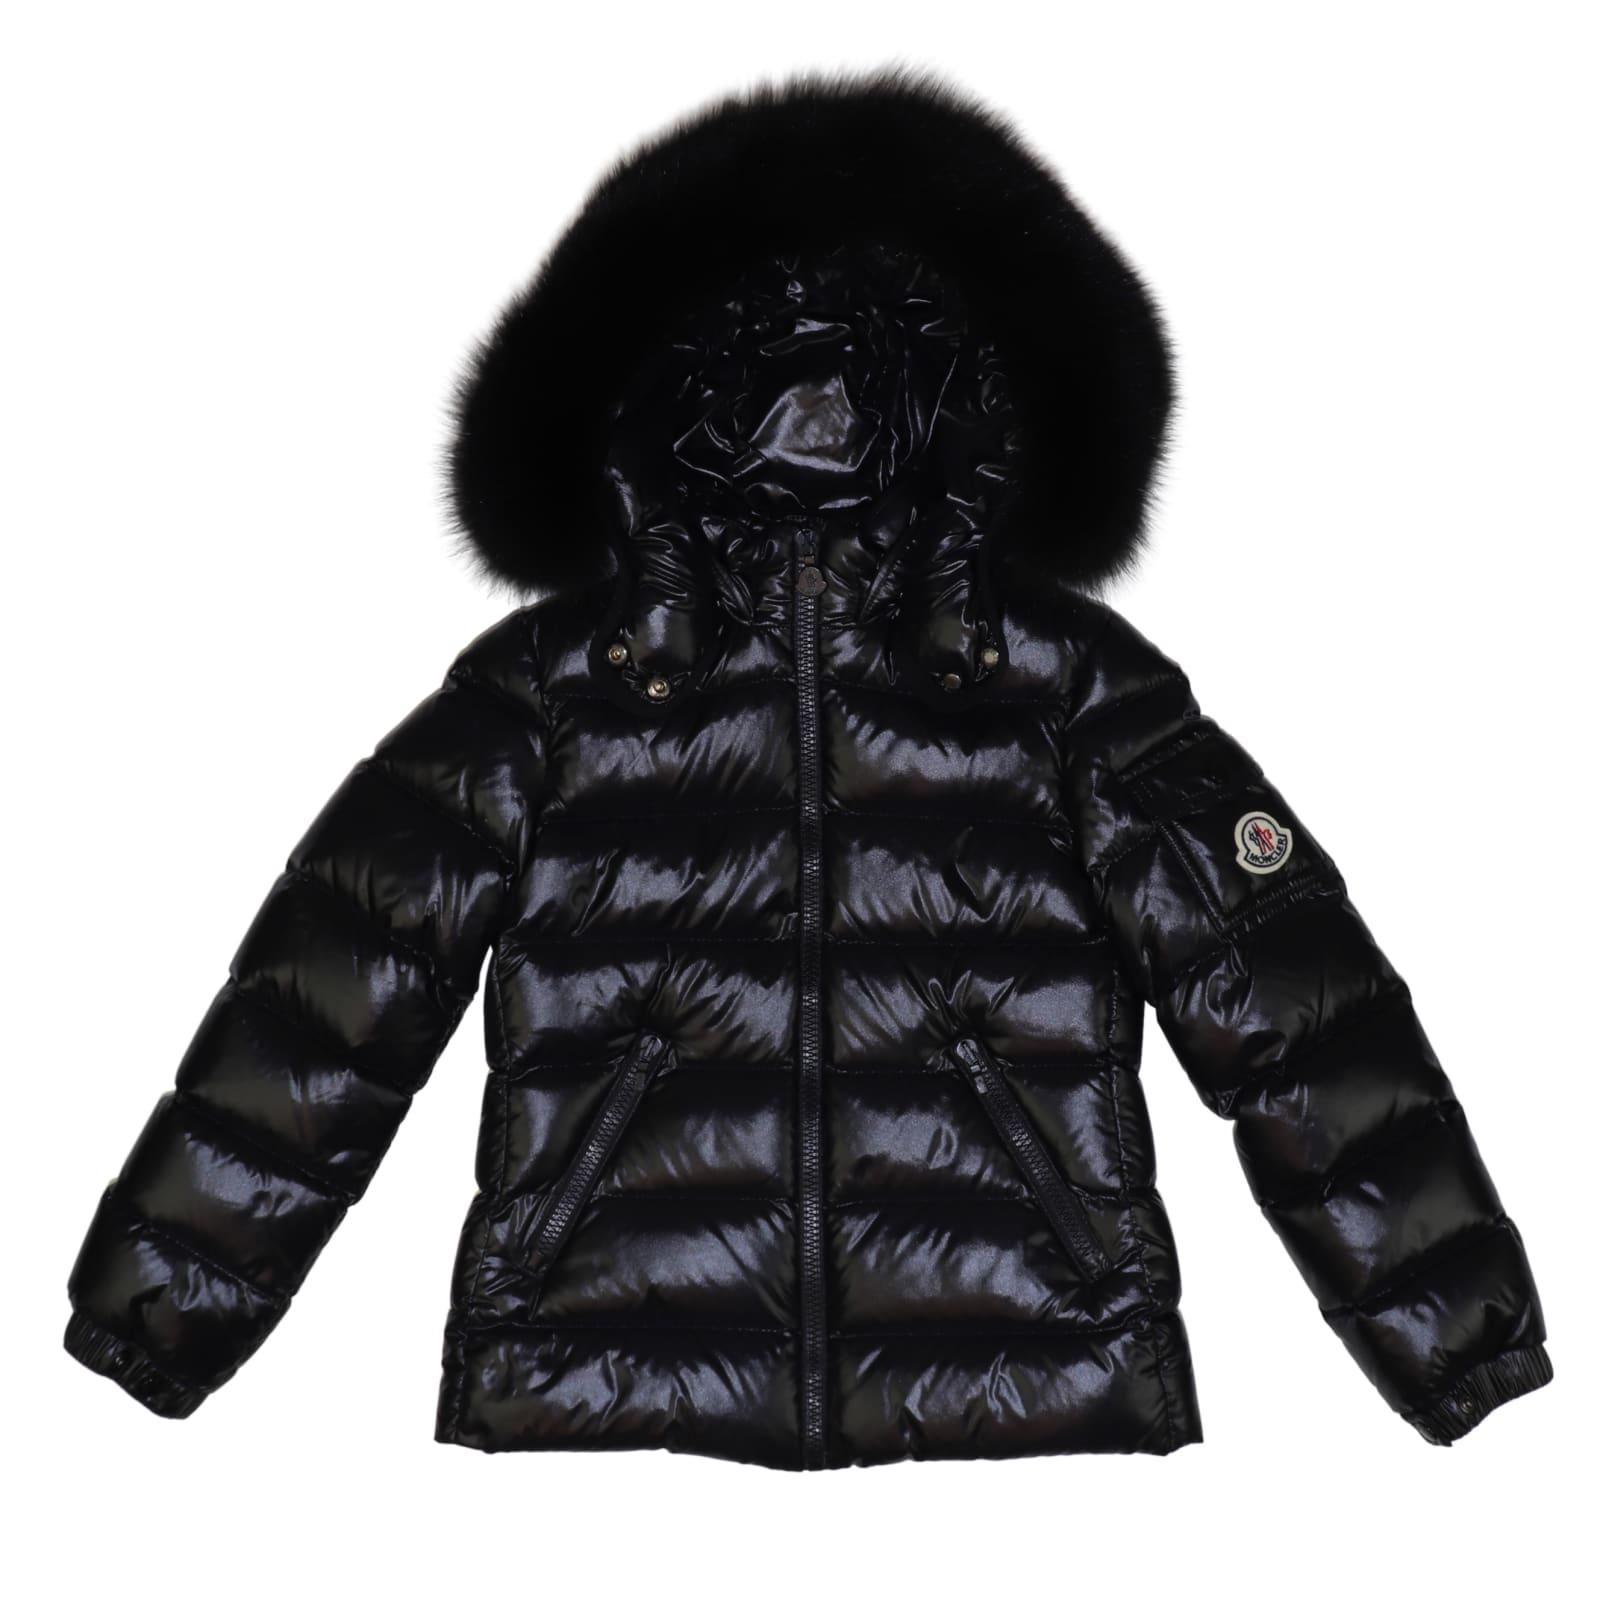 Moncler New Aubert Jacket